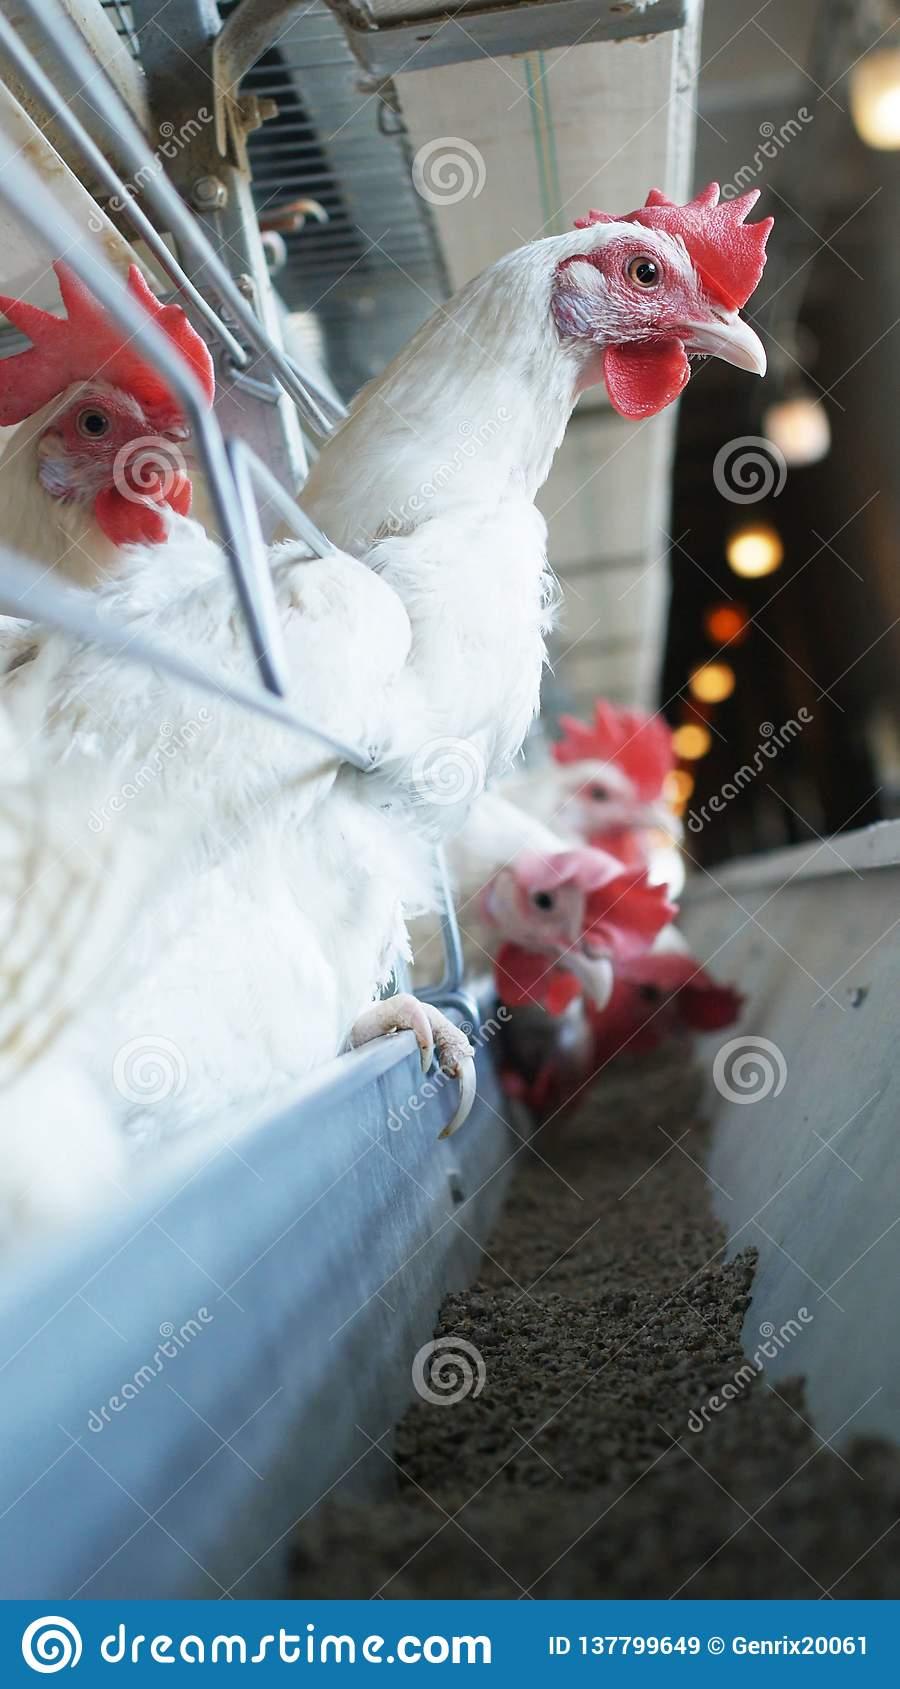 Poulets Blancs Qui Pondent Des Oeufs À Une Ferme Avicole à Animaux Qui Pondent Des Oeufs